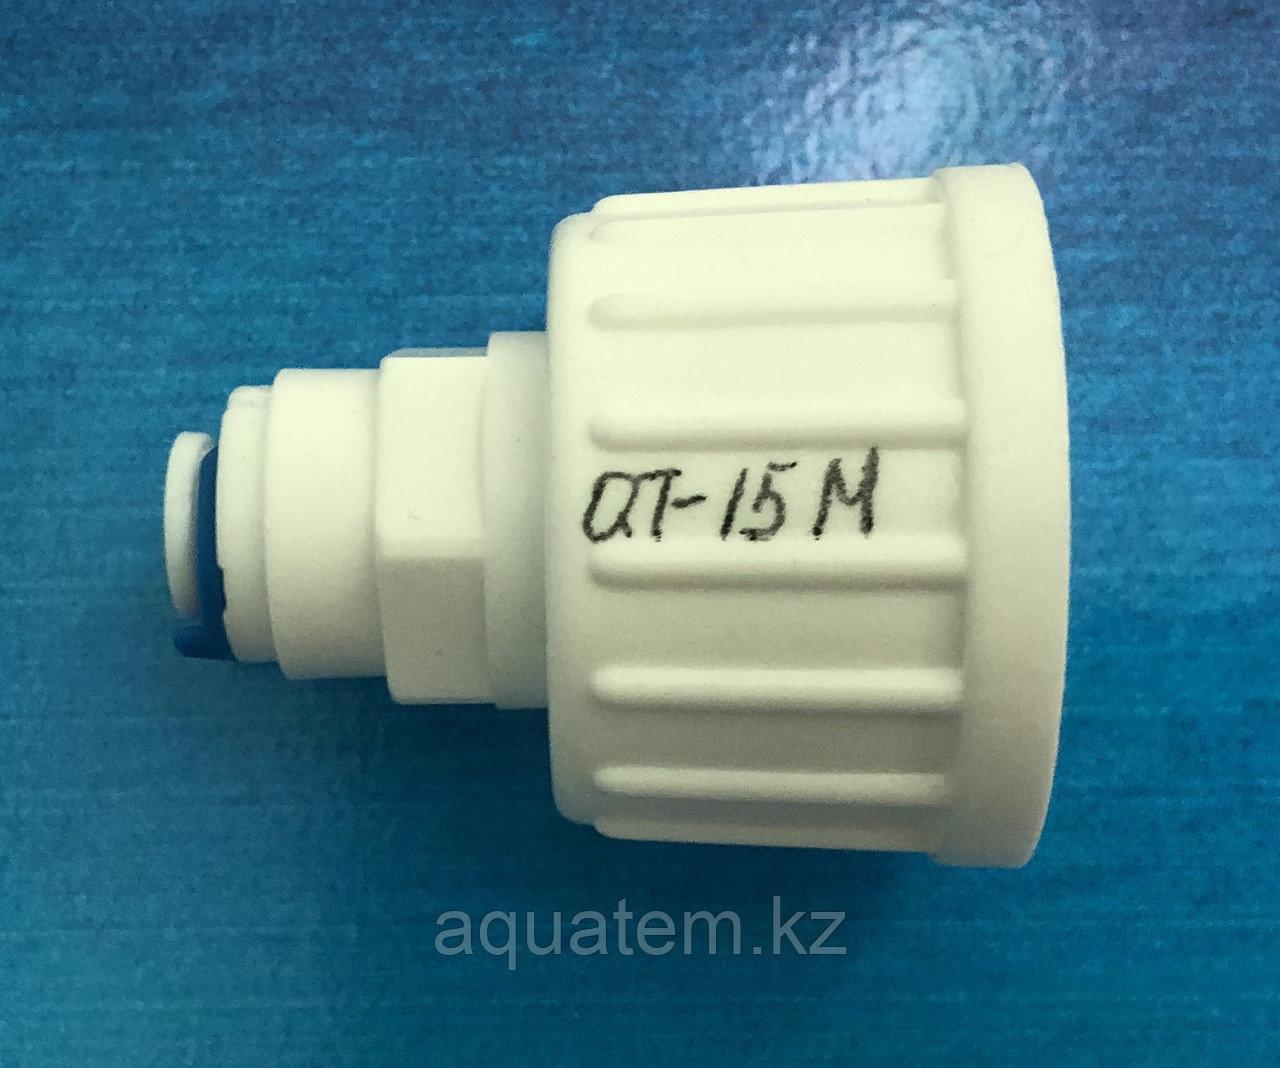 Фитинг QT-15M